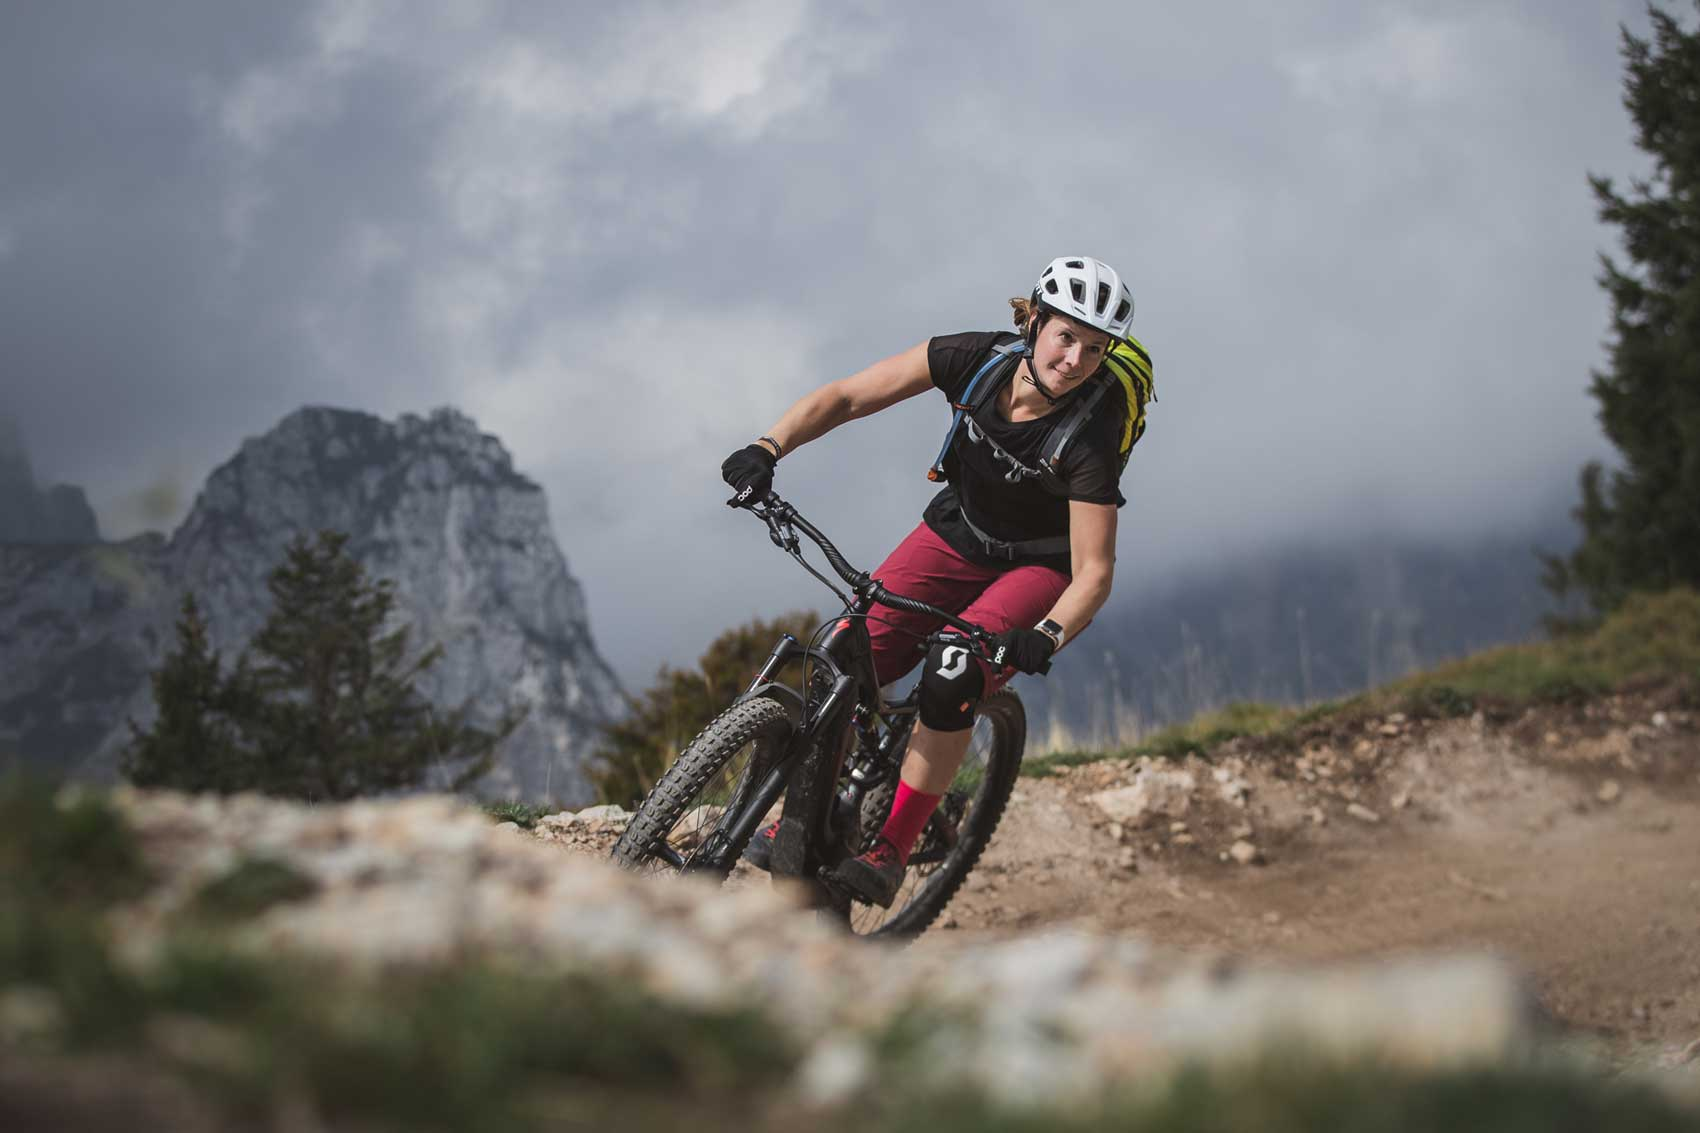 Katharina-mountainbiken-molveno-munichmountaingirls